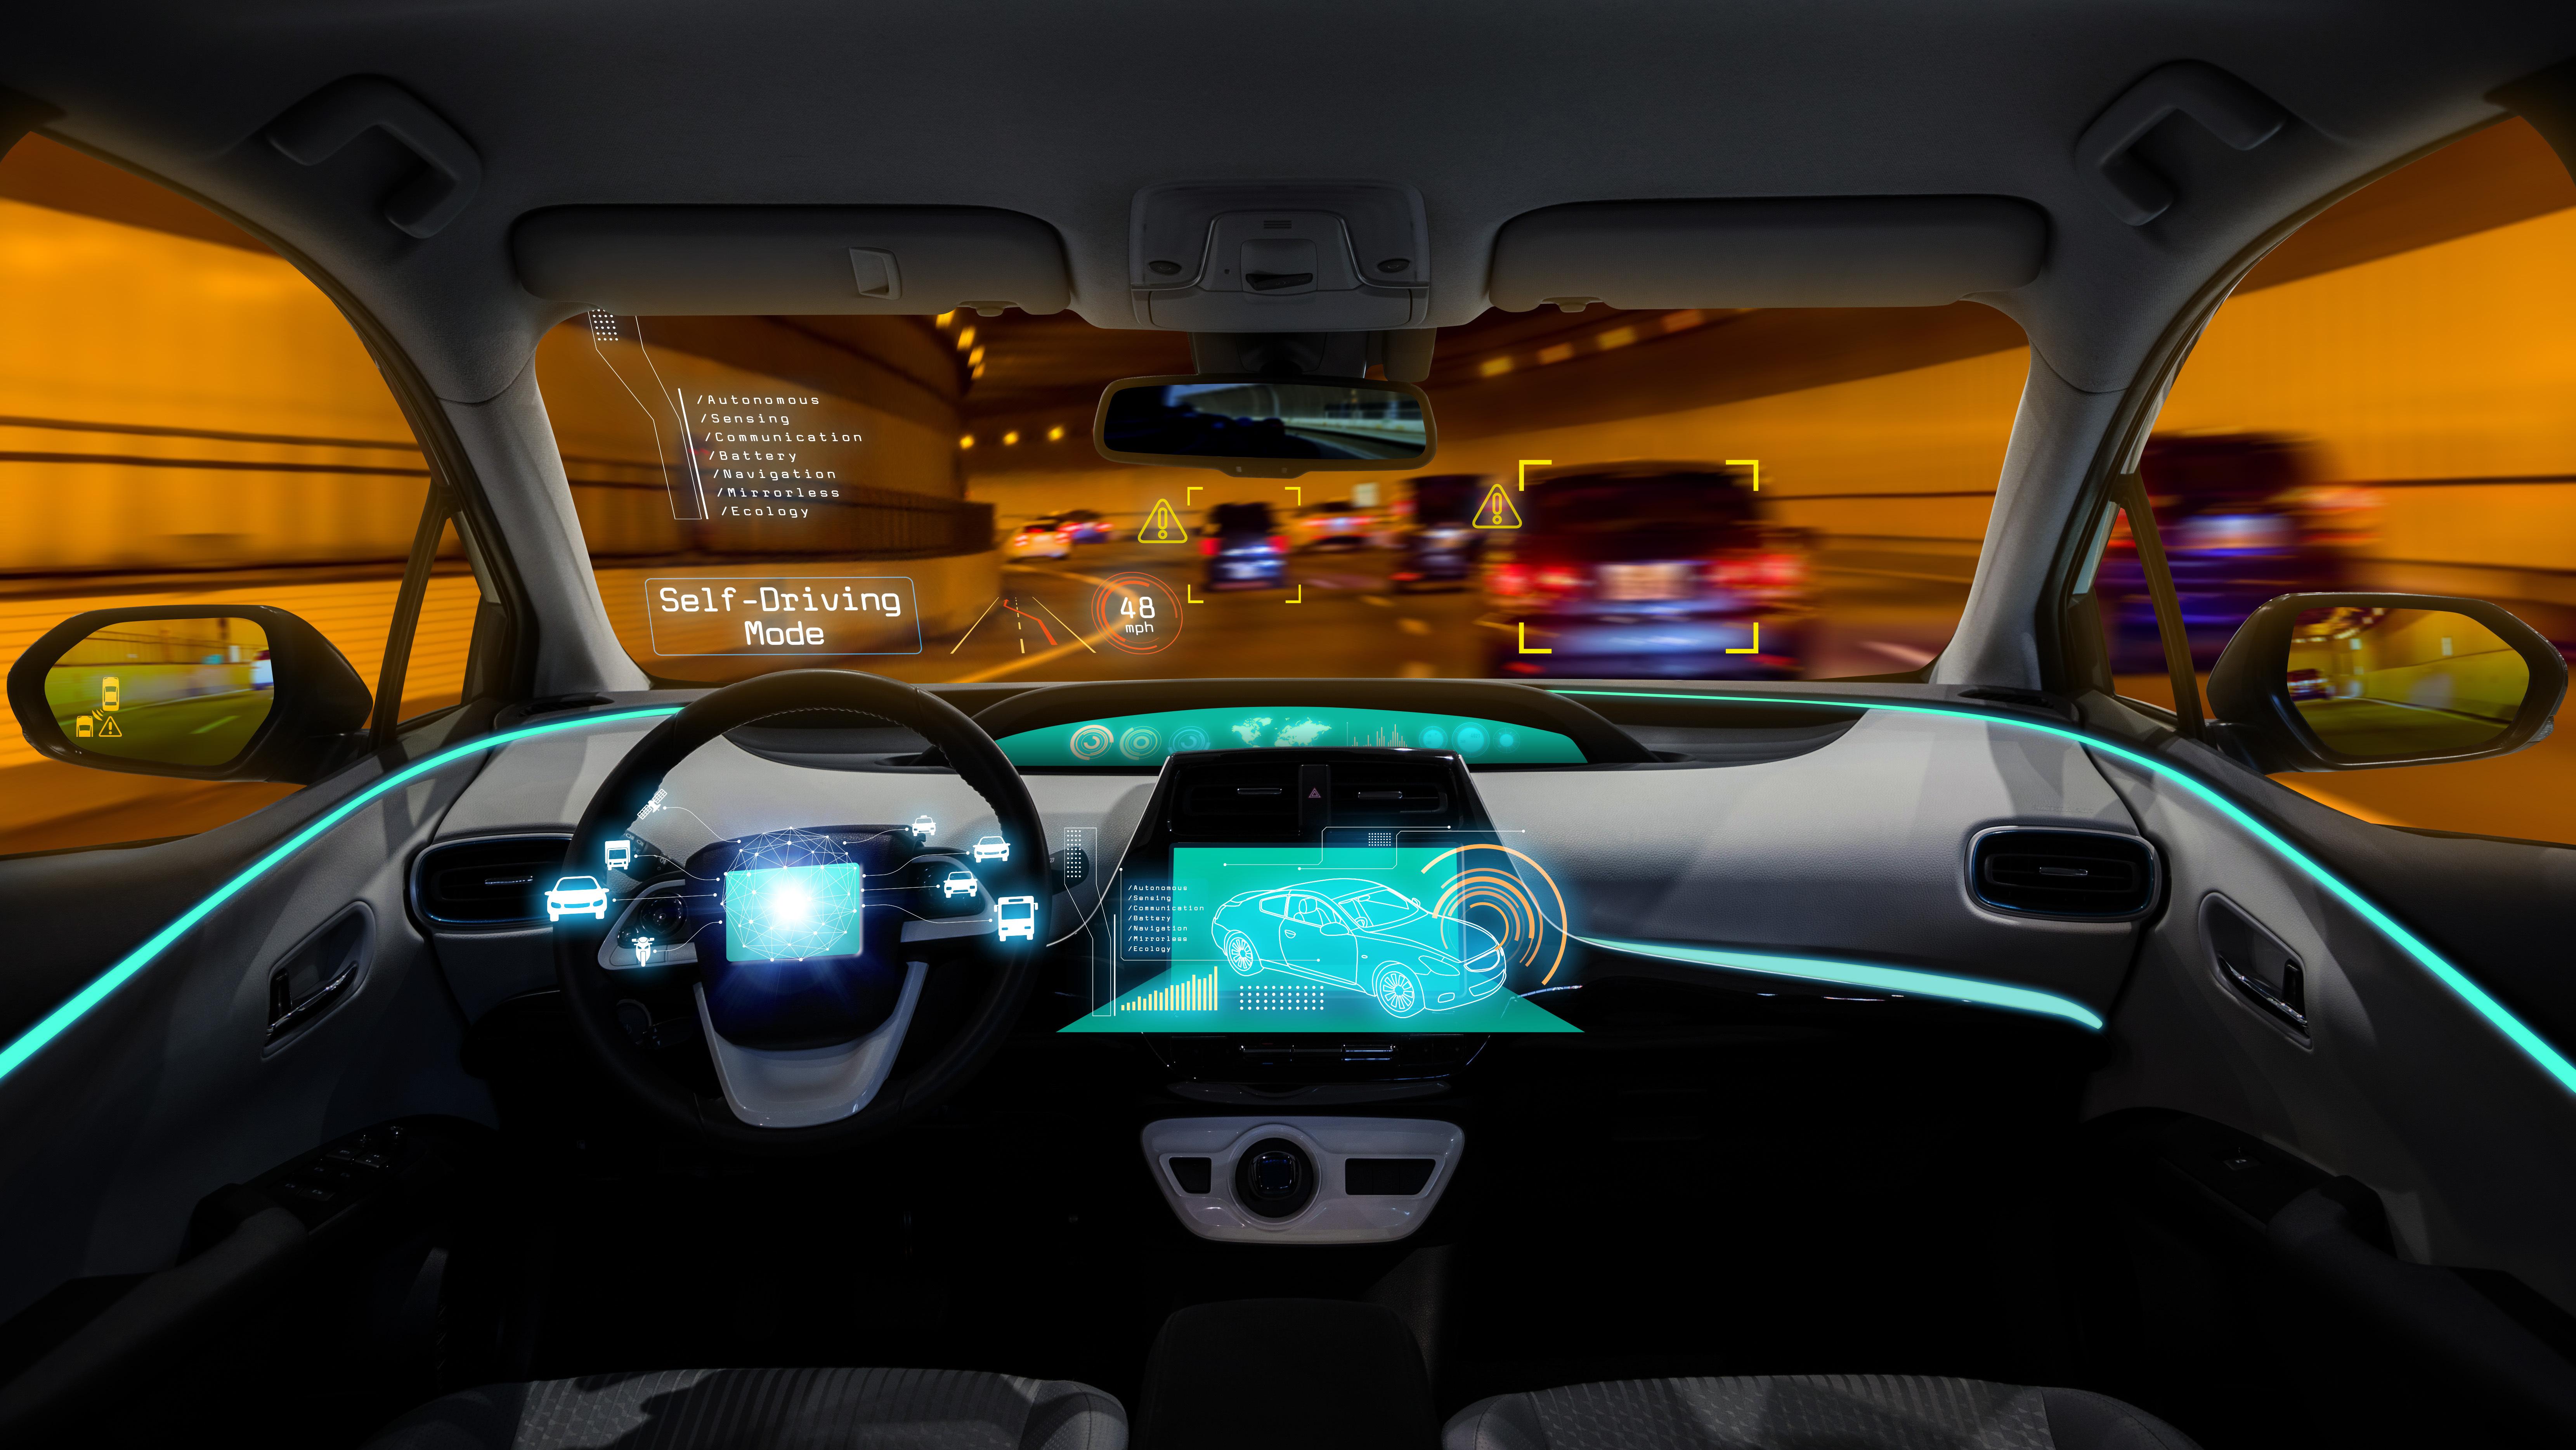 Nvidia testet autonome Fahrzeuge in virtual reality